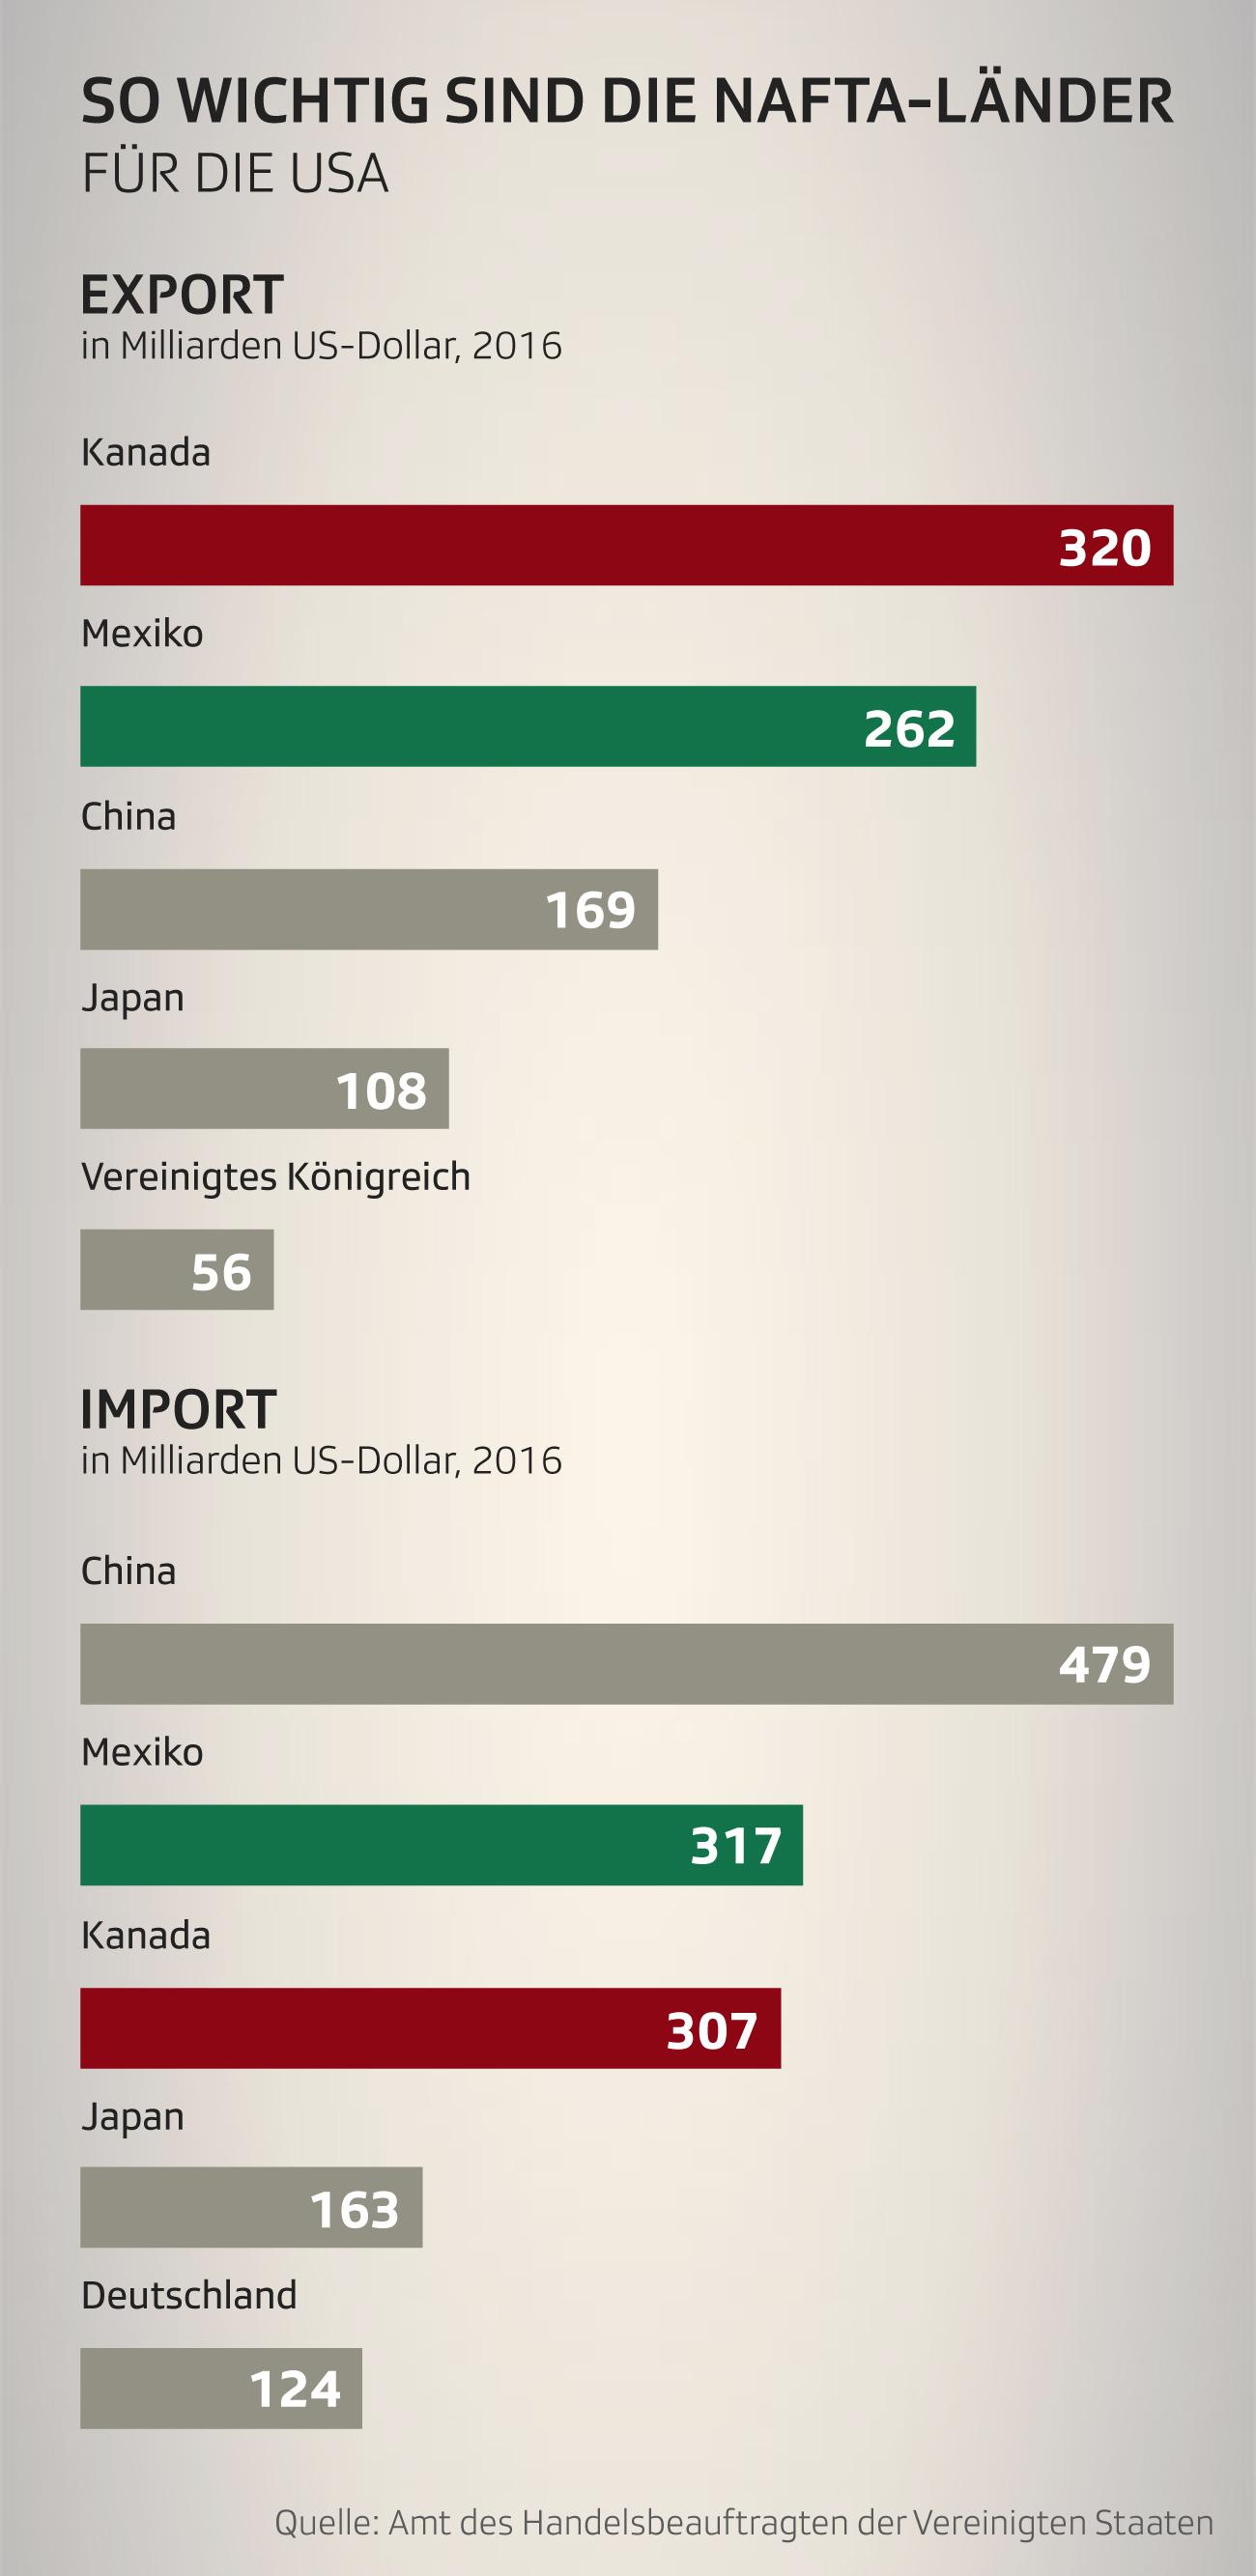 Wegen der US-Zölle kündigen die EU, Kanada und Mexiko eine starke Reaktion an. Von Vergeltungszöllen ist die Rede. Kritik kommt auch aus den Reihen der Republikaner. Die EU, Kanada und Mexiko.